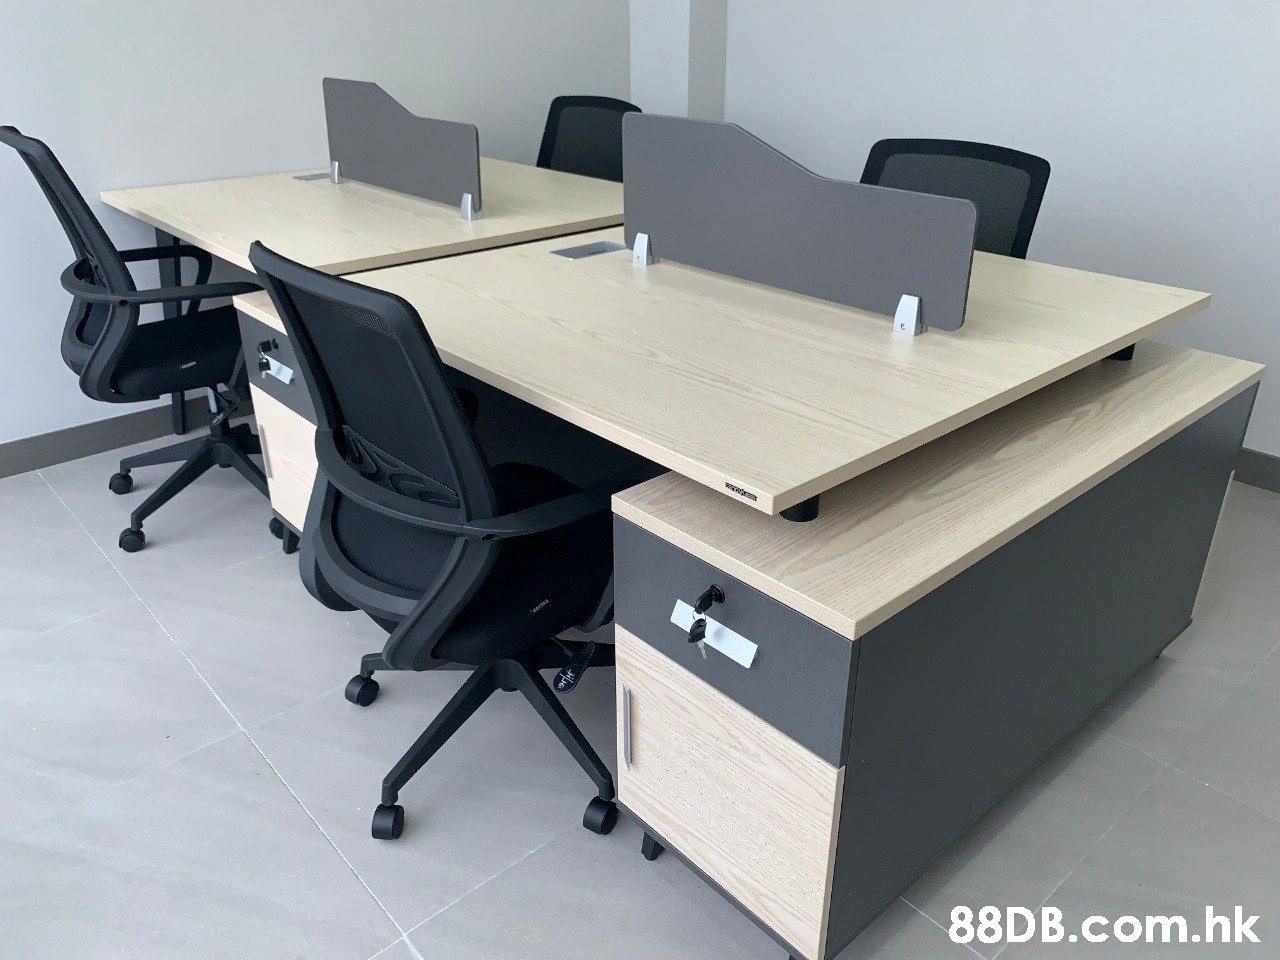 .hk  Desk,Furniture,Office,Table,Computer desk